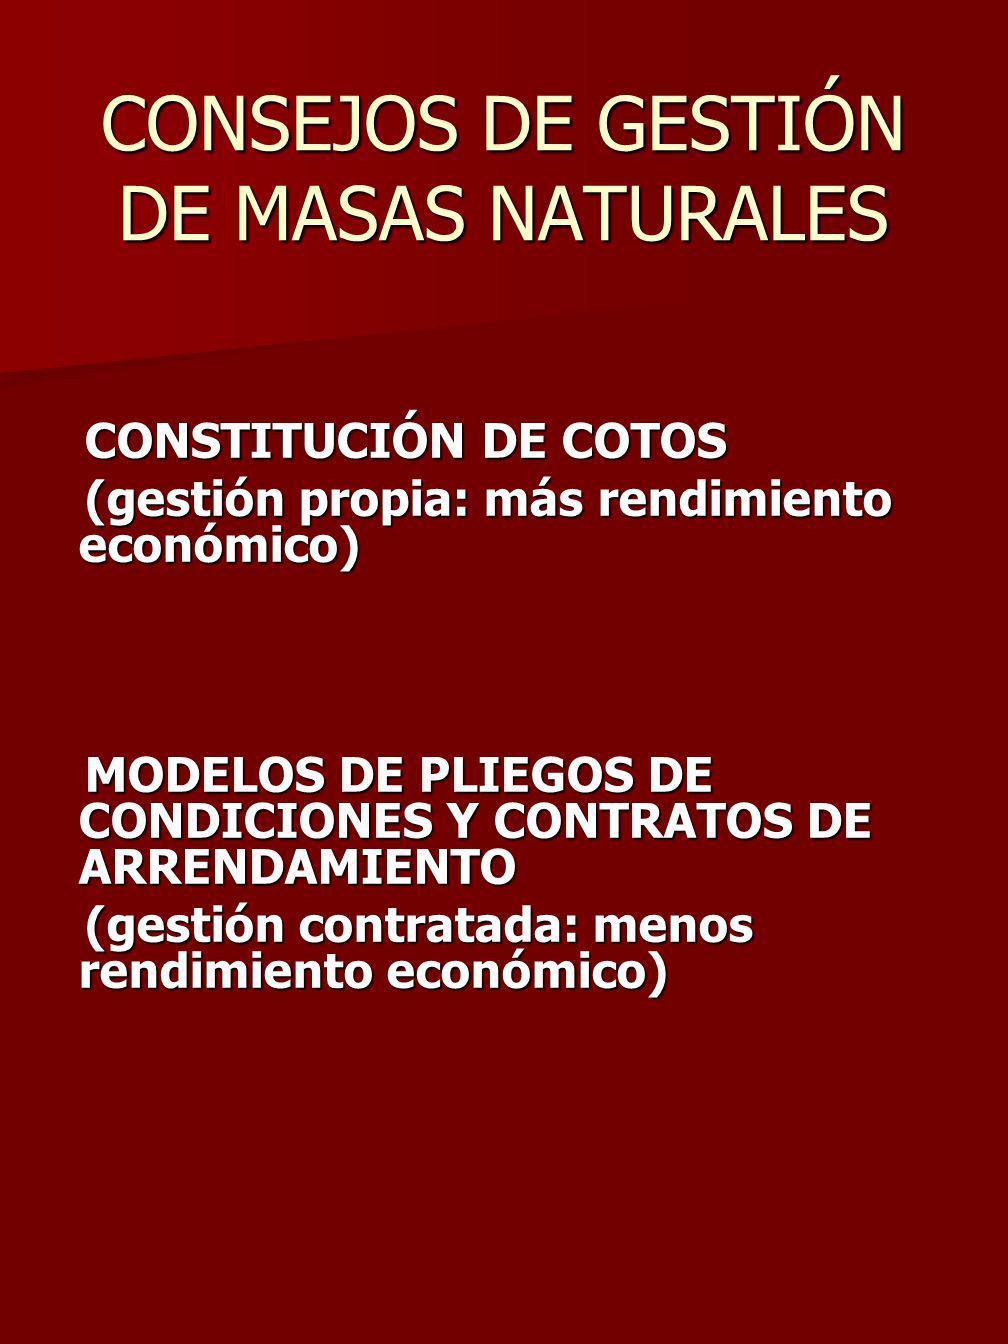 CONSEJOS DE GESTIÓN DE MASAS NATURALES CONSTITUCIÓN DE COTOS CONSTITUCIÓN DE COTOS (gestión propia: más rendimiento económico) (gestión propia: más rendimiento económico) MODELOS DE PLIEGOS DE CONDICIONES Y CONTRATOS DE ARRENDAMIENTO MODELOS DE PLIEGOS DE CONDICIONES Y CONTRATOS DE ARRENDAMIENTO (gestión contratada: menos rendimiento económico) (gestión contratada: menos rendimiento económico)